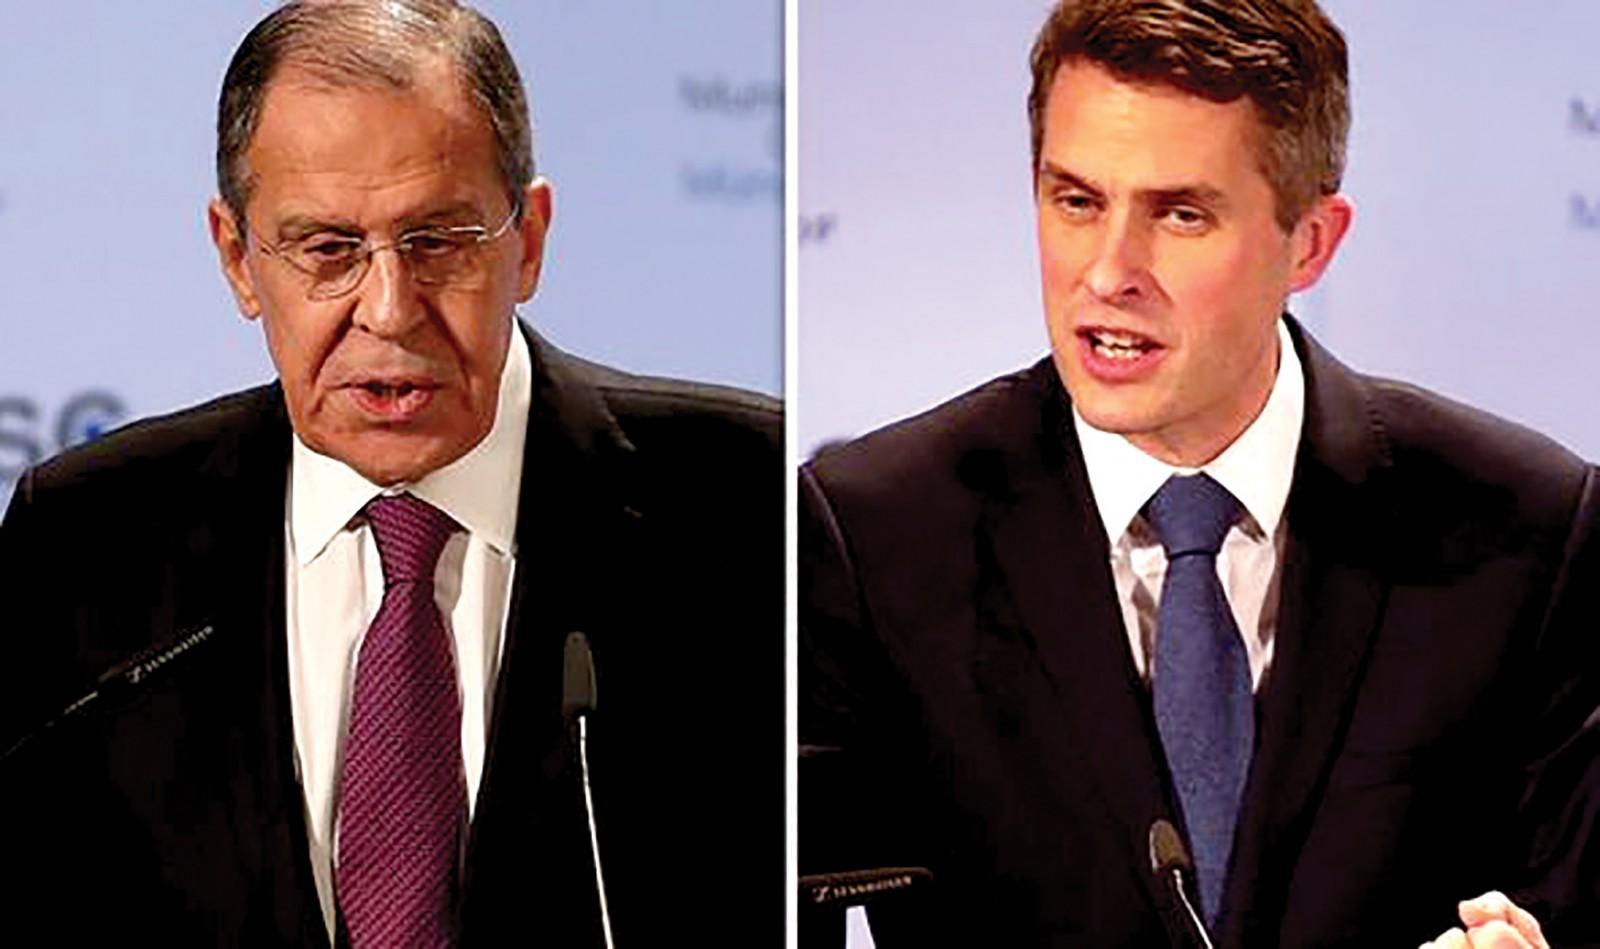 Ngoại trưởng Nga Lavrov (trái) và Bộ trưởng Quốc phòng Anh Williamson. Ảnh: Getty